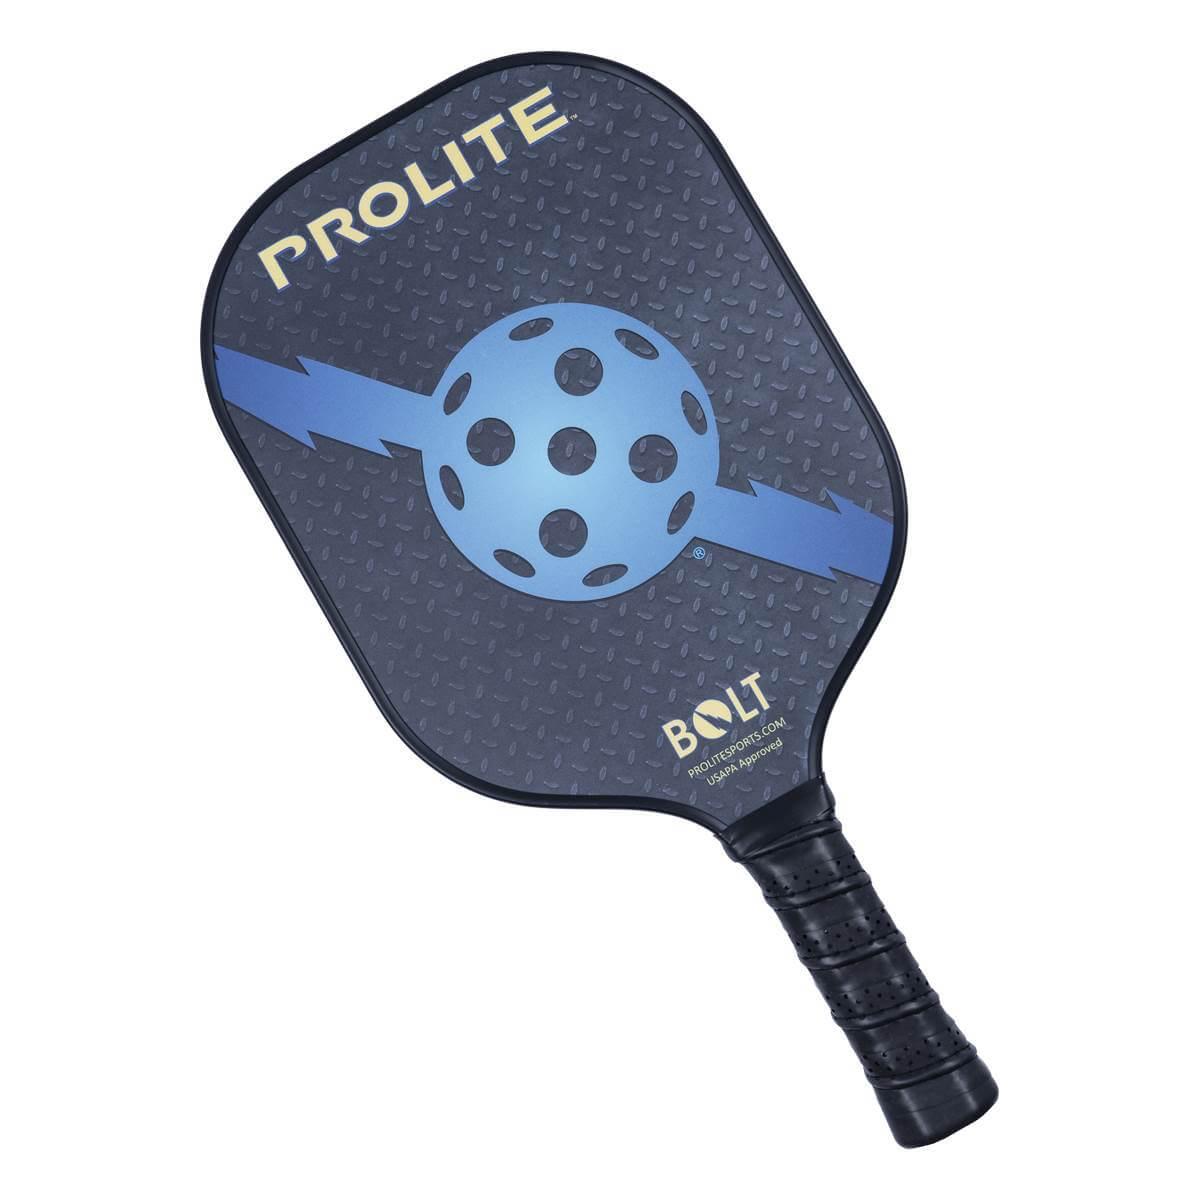 PROLITE Bolt Middleweight Carbon Fiber Pickleball Paddle